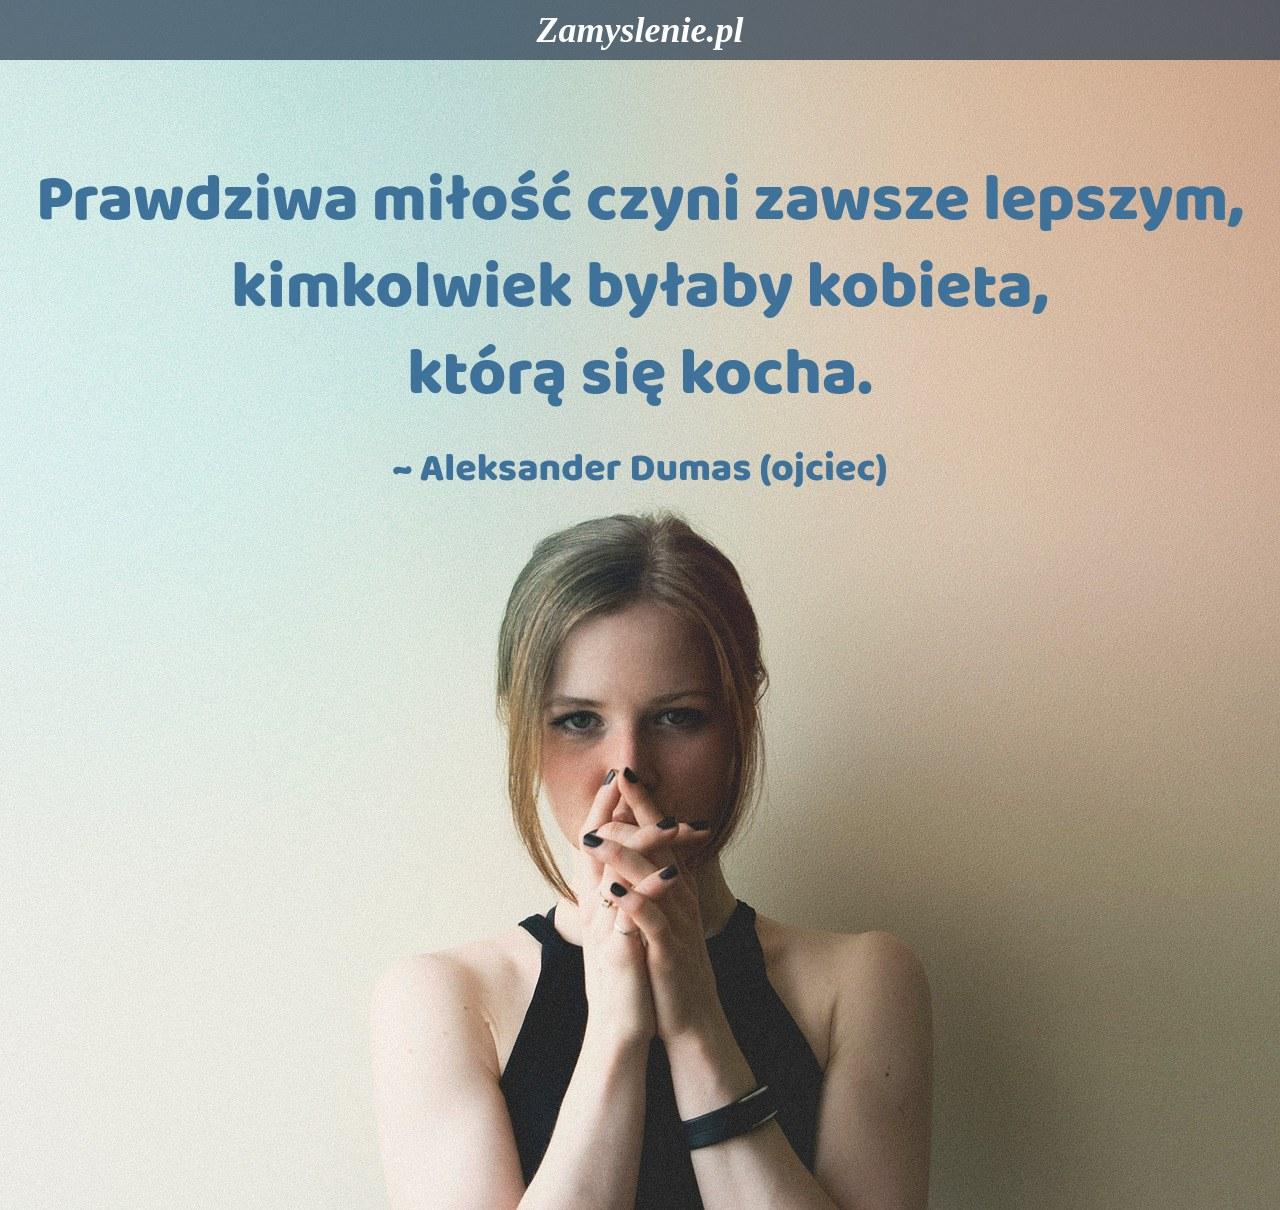 Obraz / mem do cytatu: Prawdziwa miłość czyni zawsze lepszym, kimkolwiek byłaby kobieta, którą się kocha.